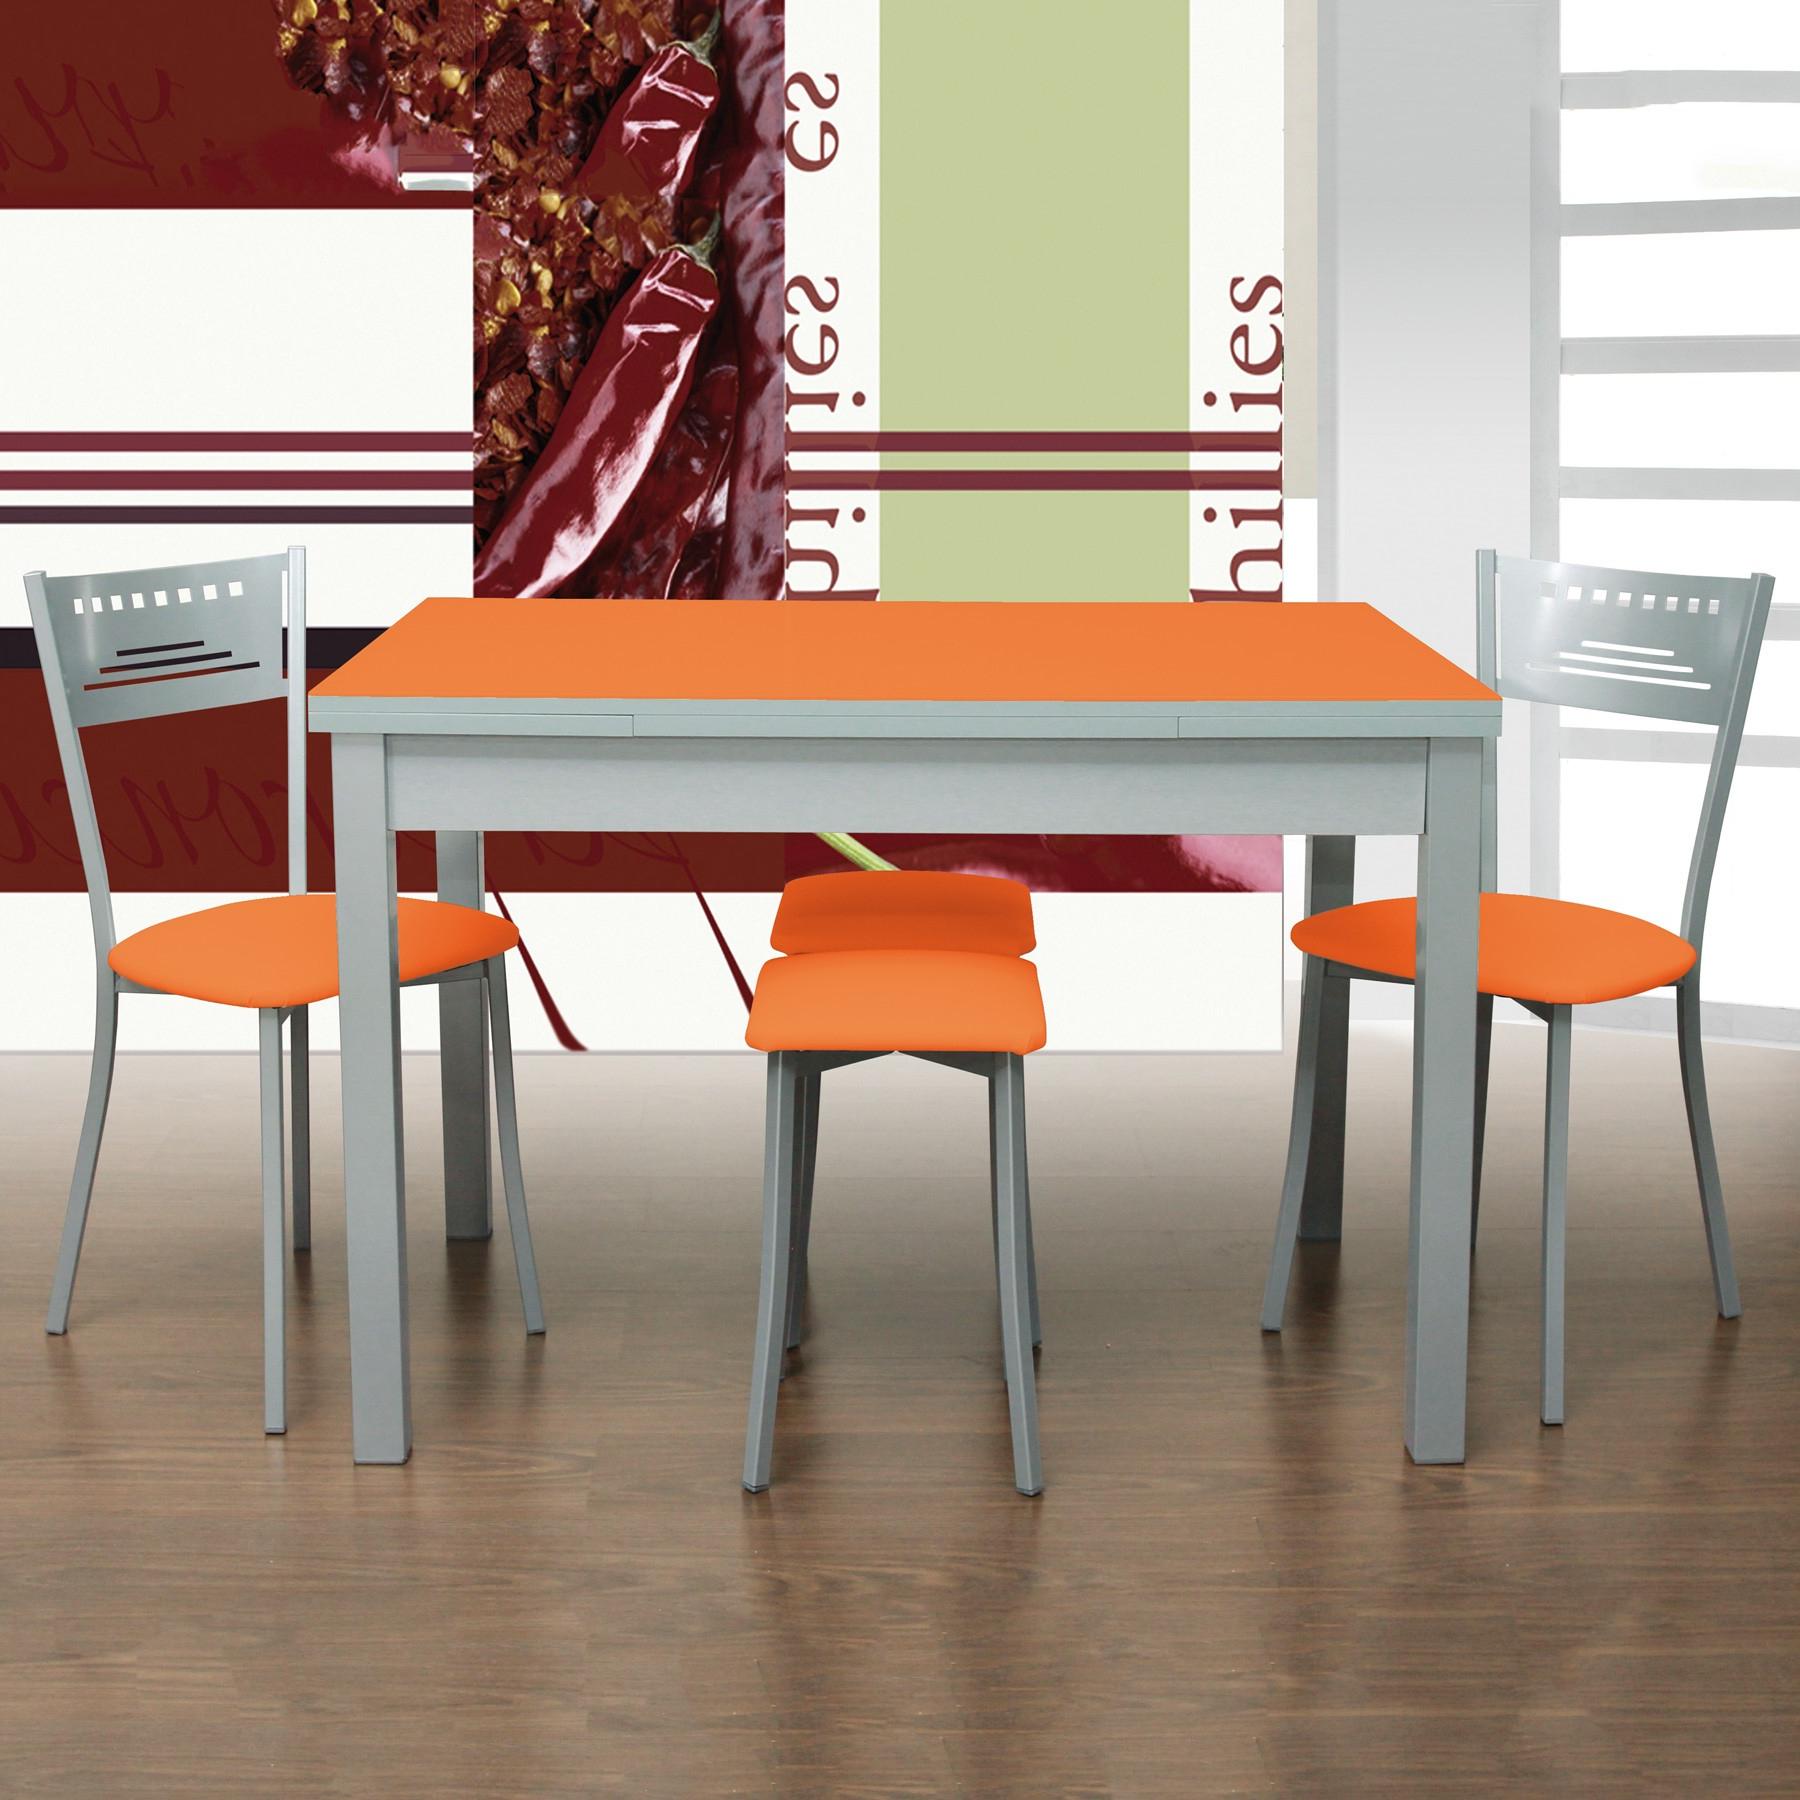 Mesa Cocina Con Taburetes 8ydm Pack Mesa De Cocina Sillas Y O Taburetes Mod orange